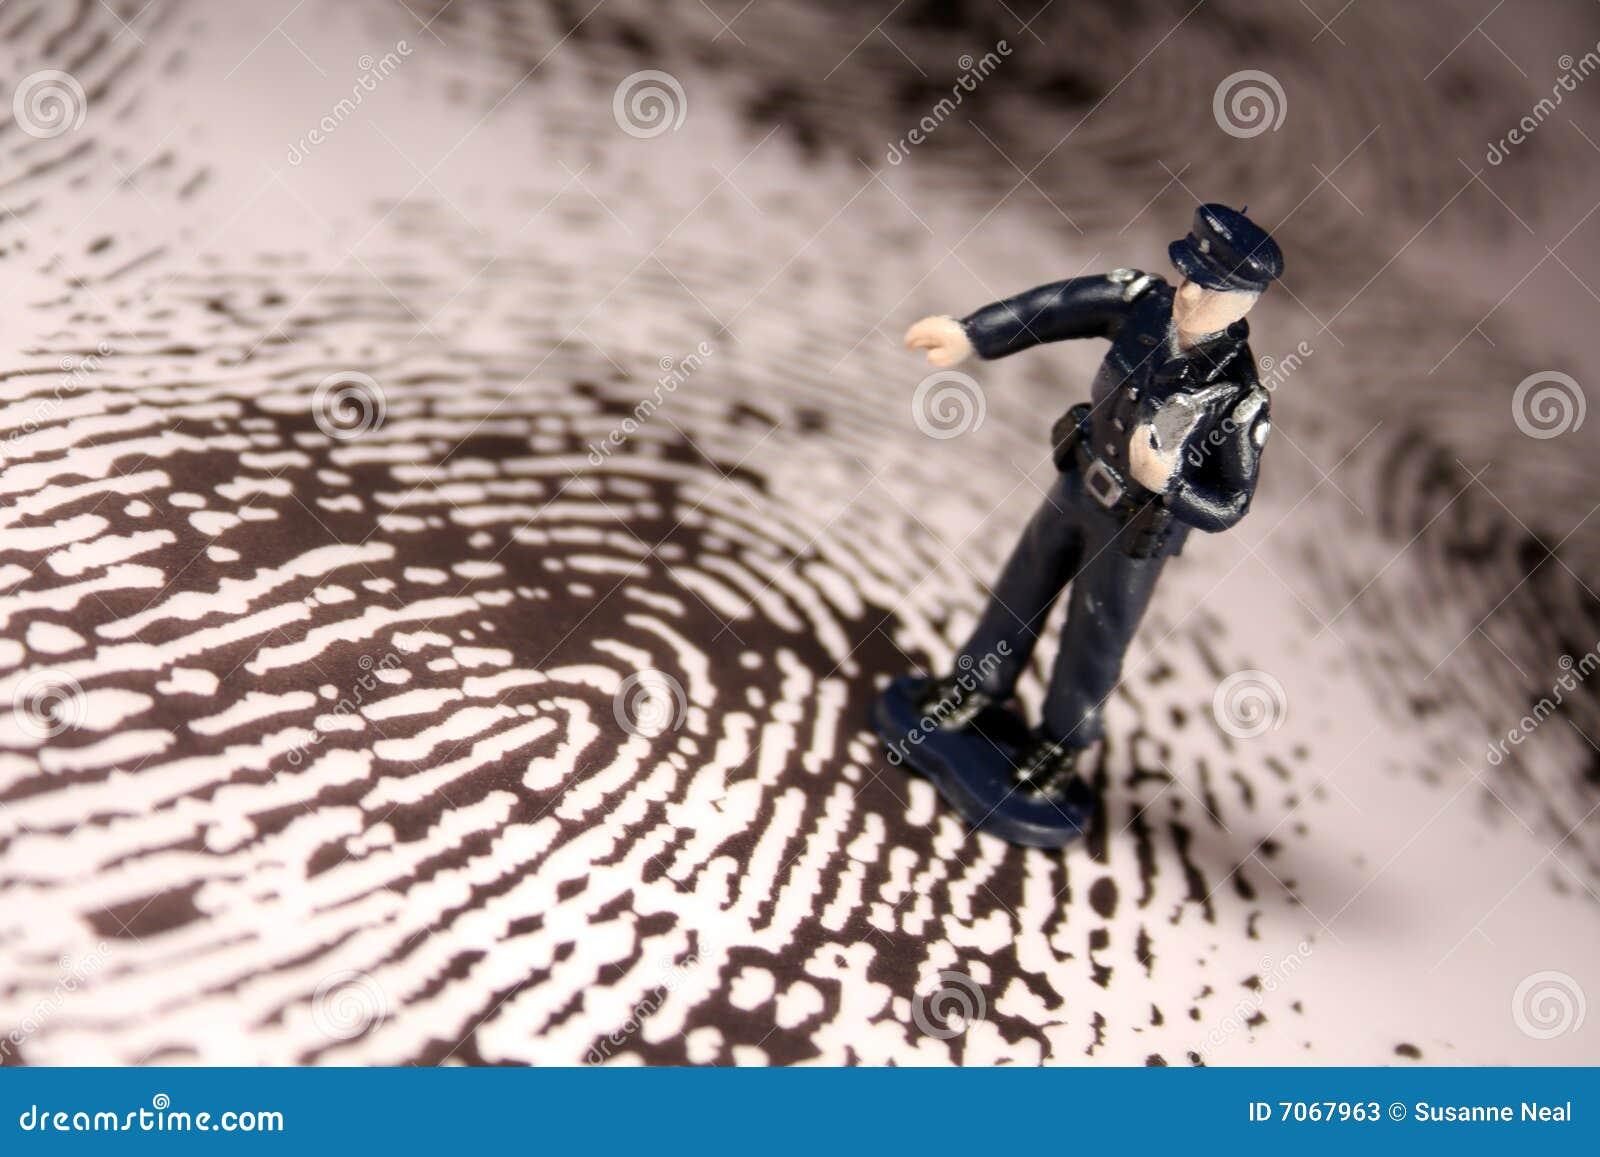 Policía en huella digital gigante